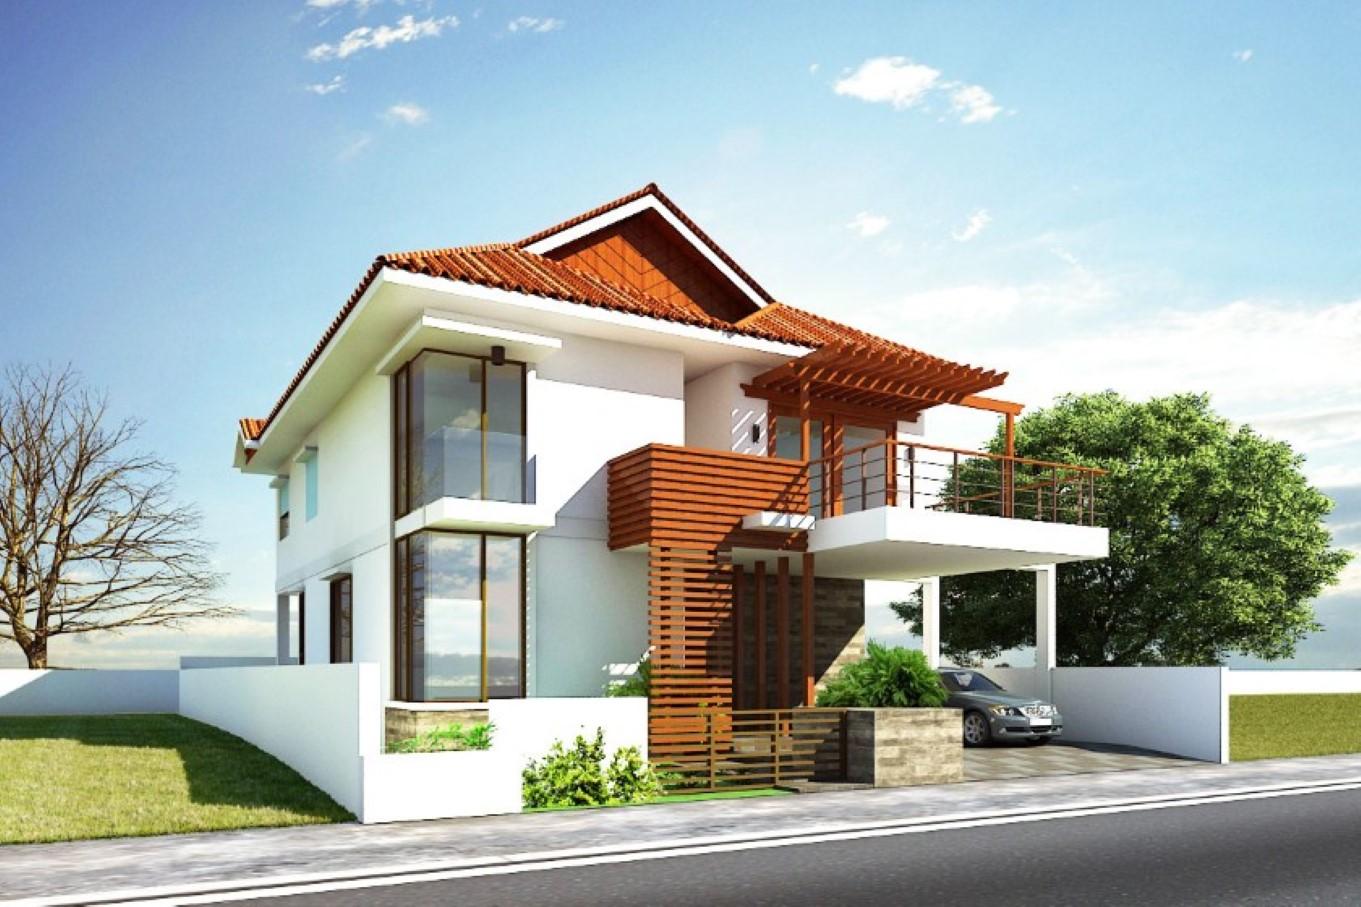 viviendas-con-ventanas-en-escuadra